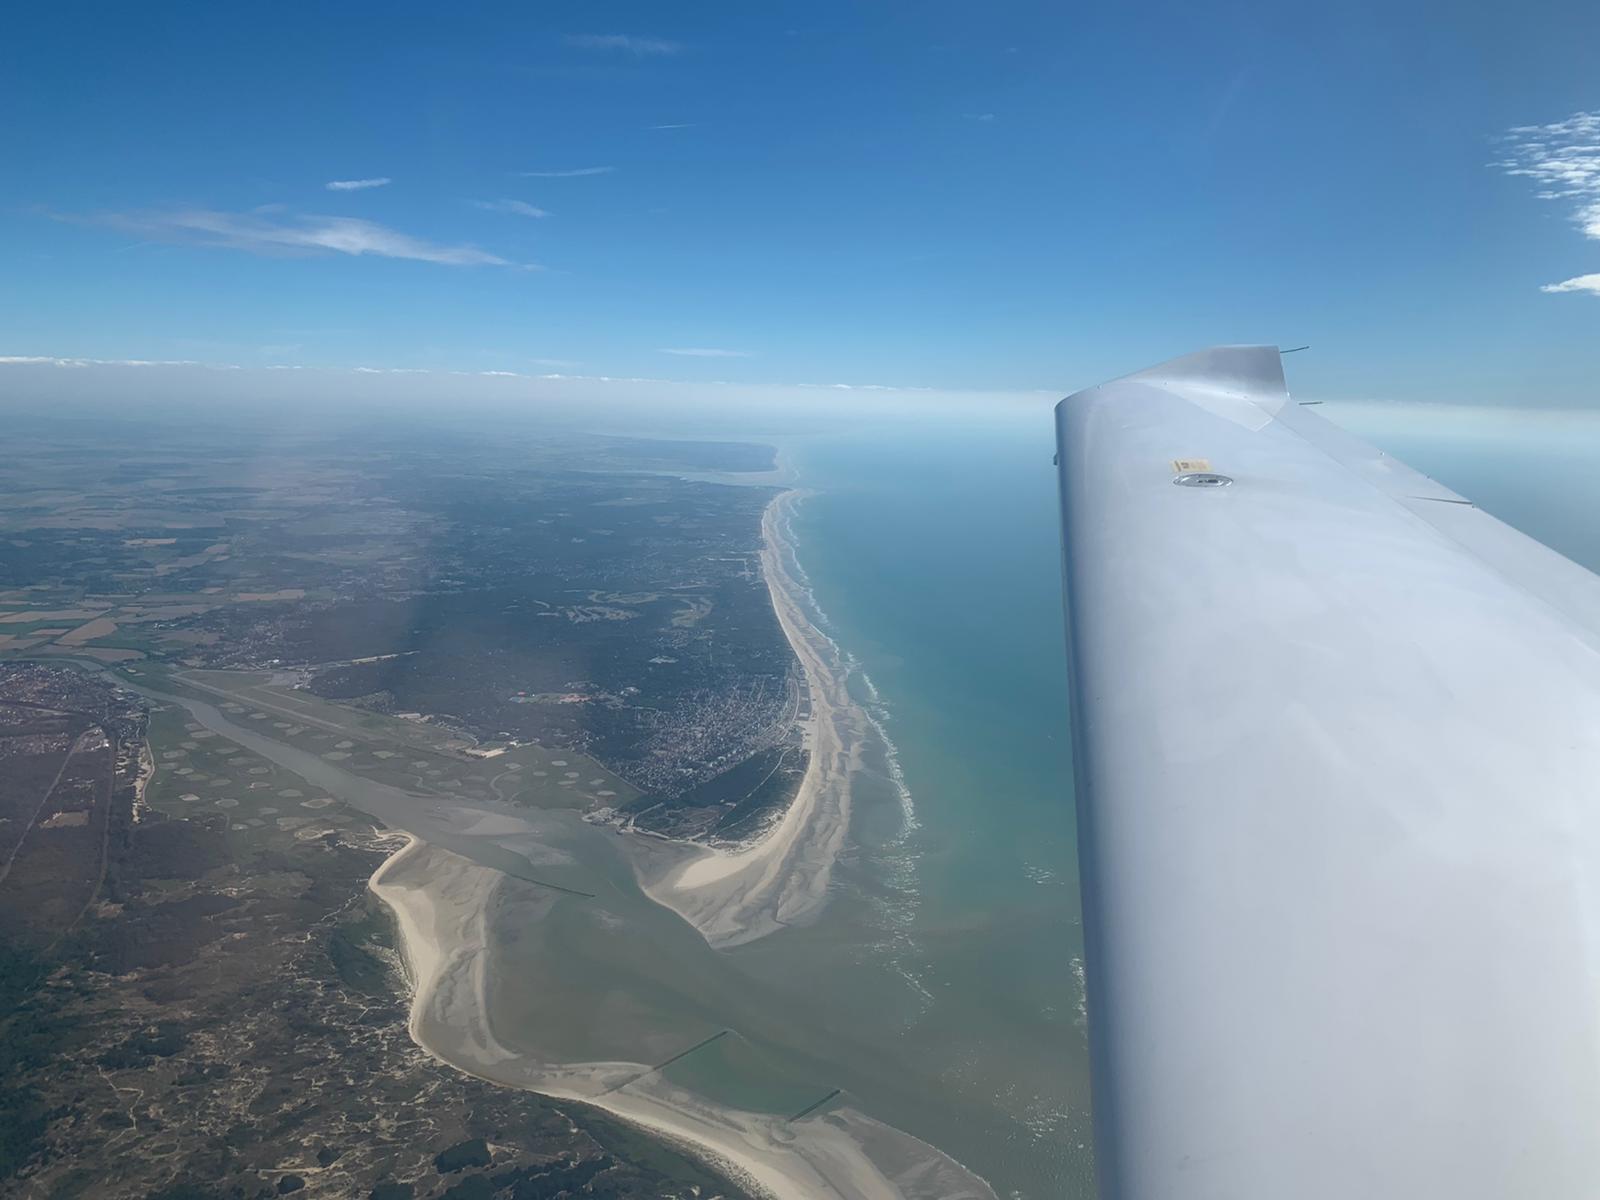 tbt-wingswednesday-aerial-blue-skies-terrain-tom-04-08-20